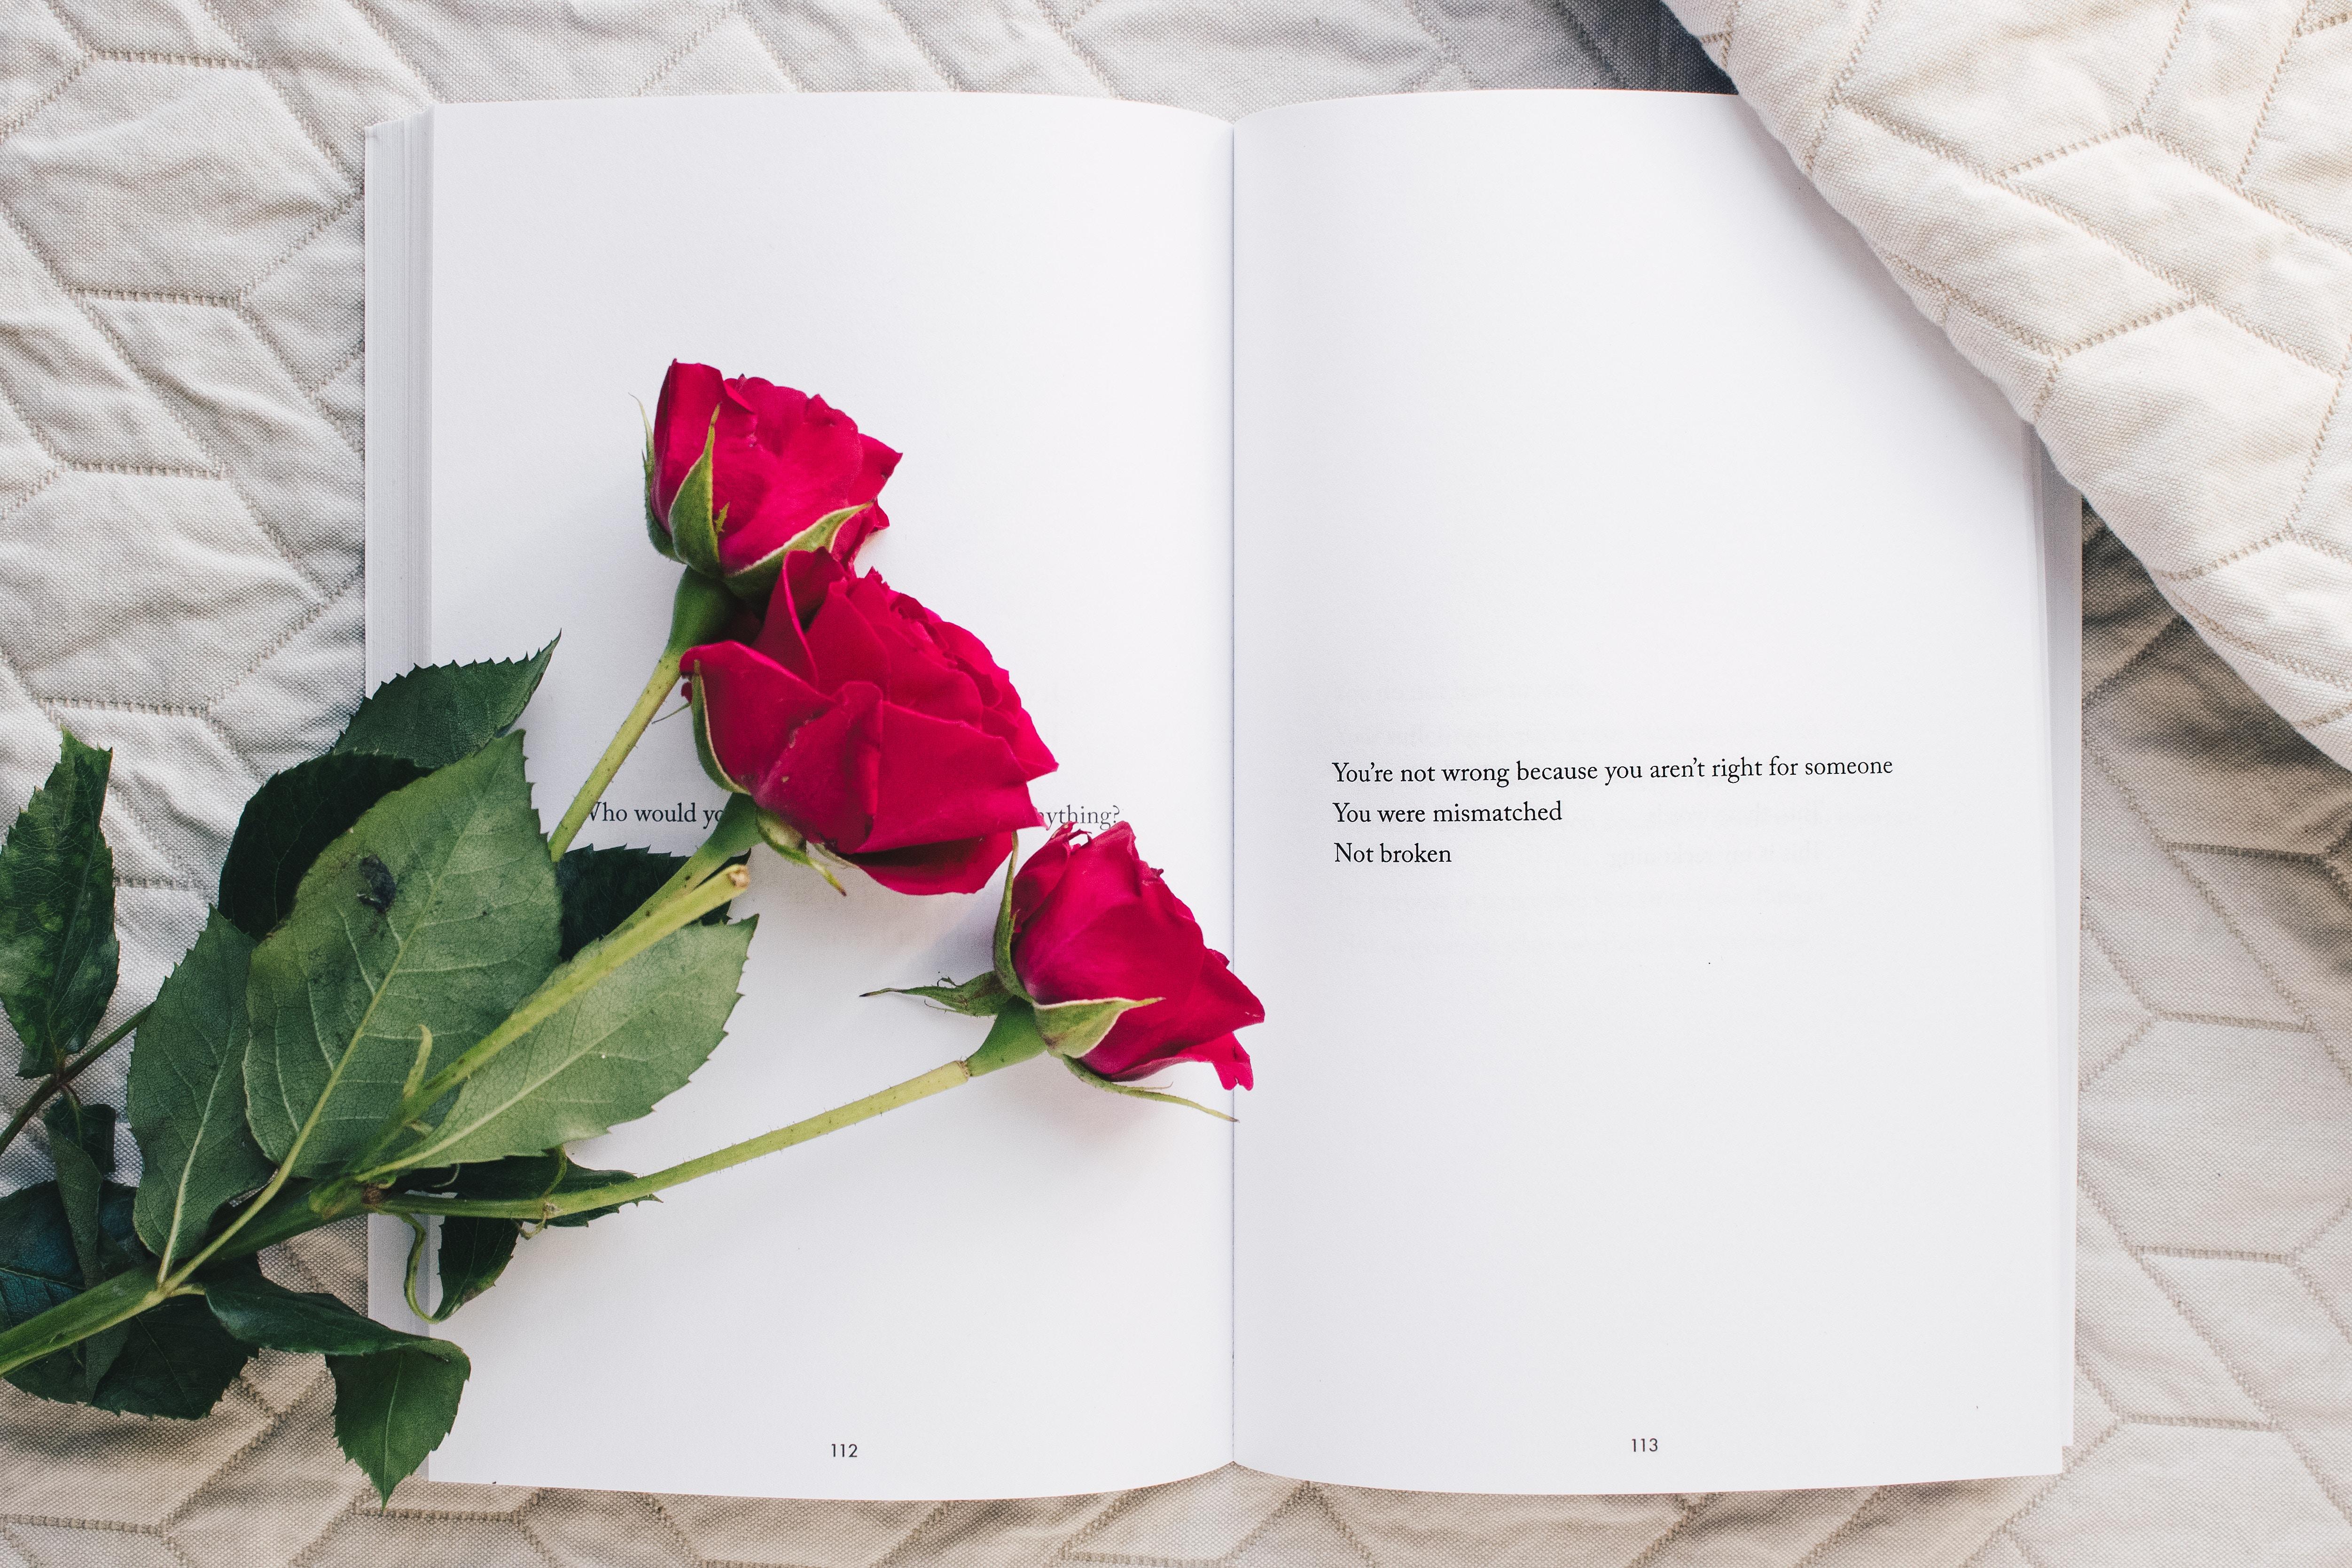 Sélection littéraire de novembre: l'amour, toujours